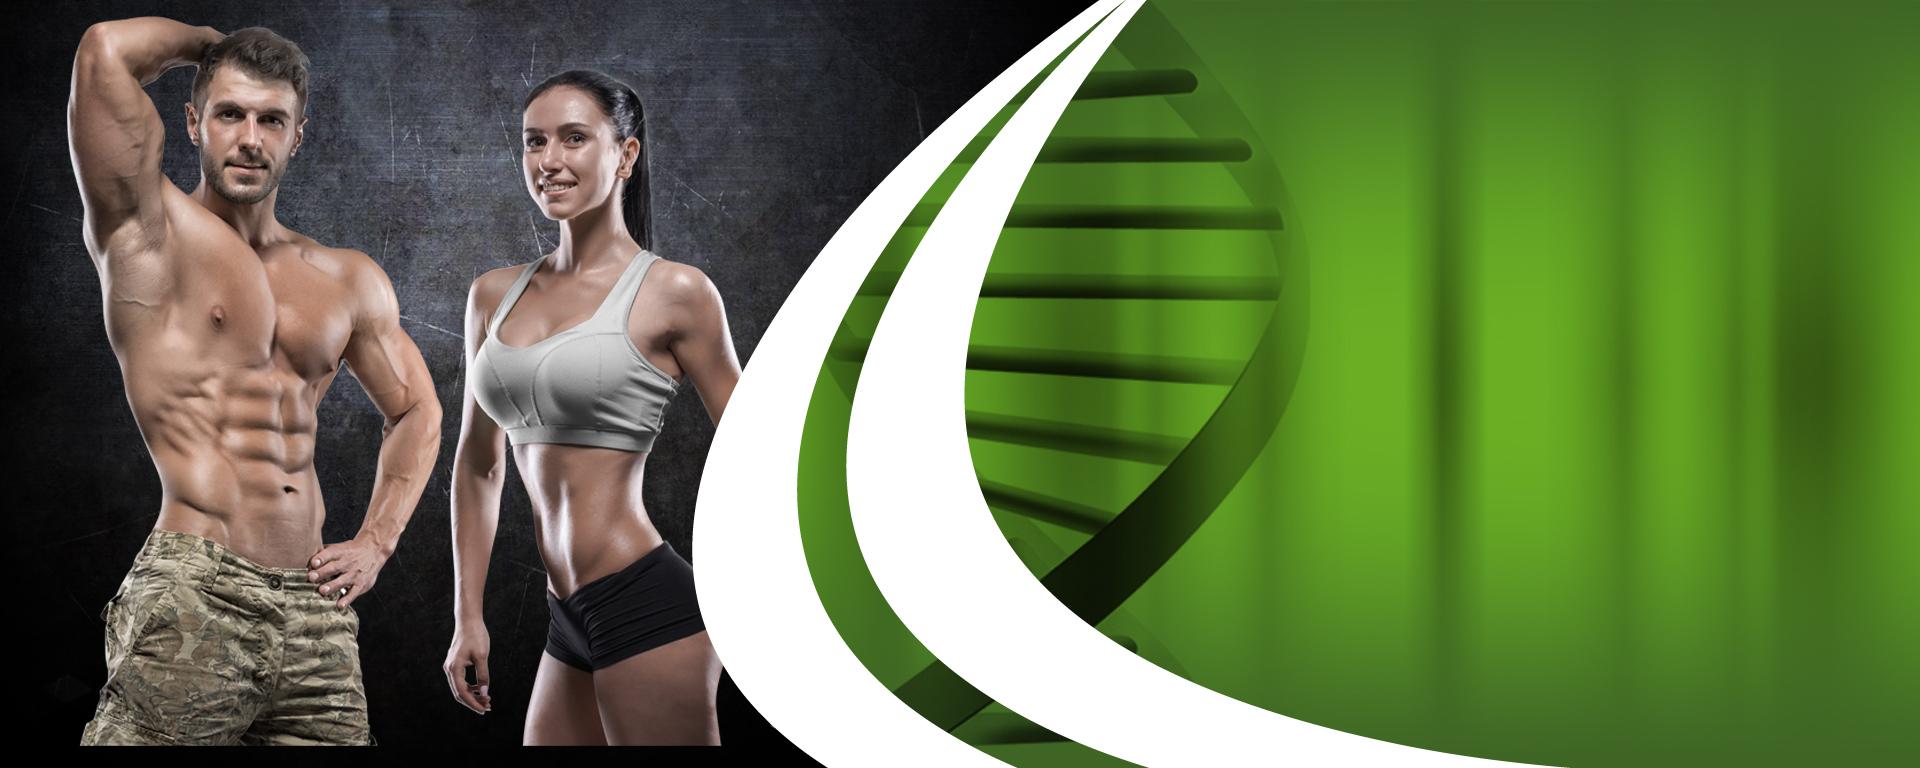 Proteine 35% reduziert bei IronMaxx